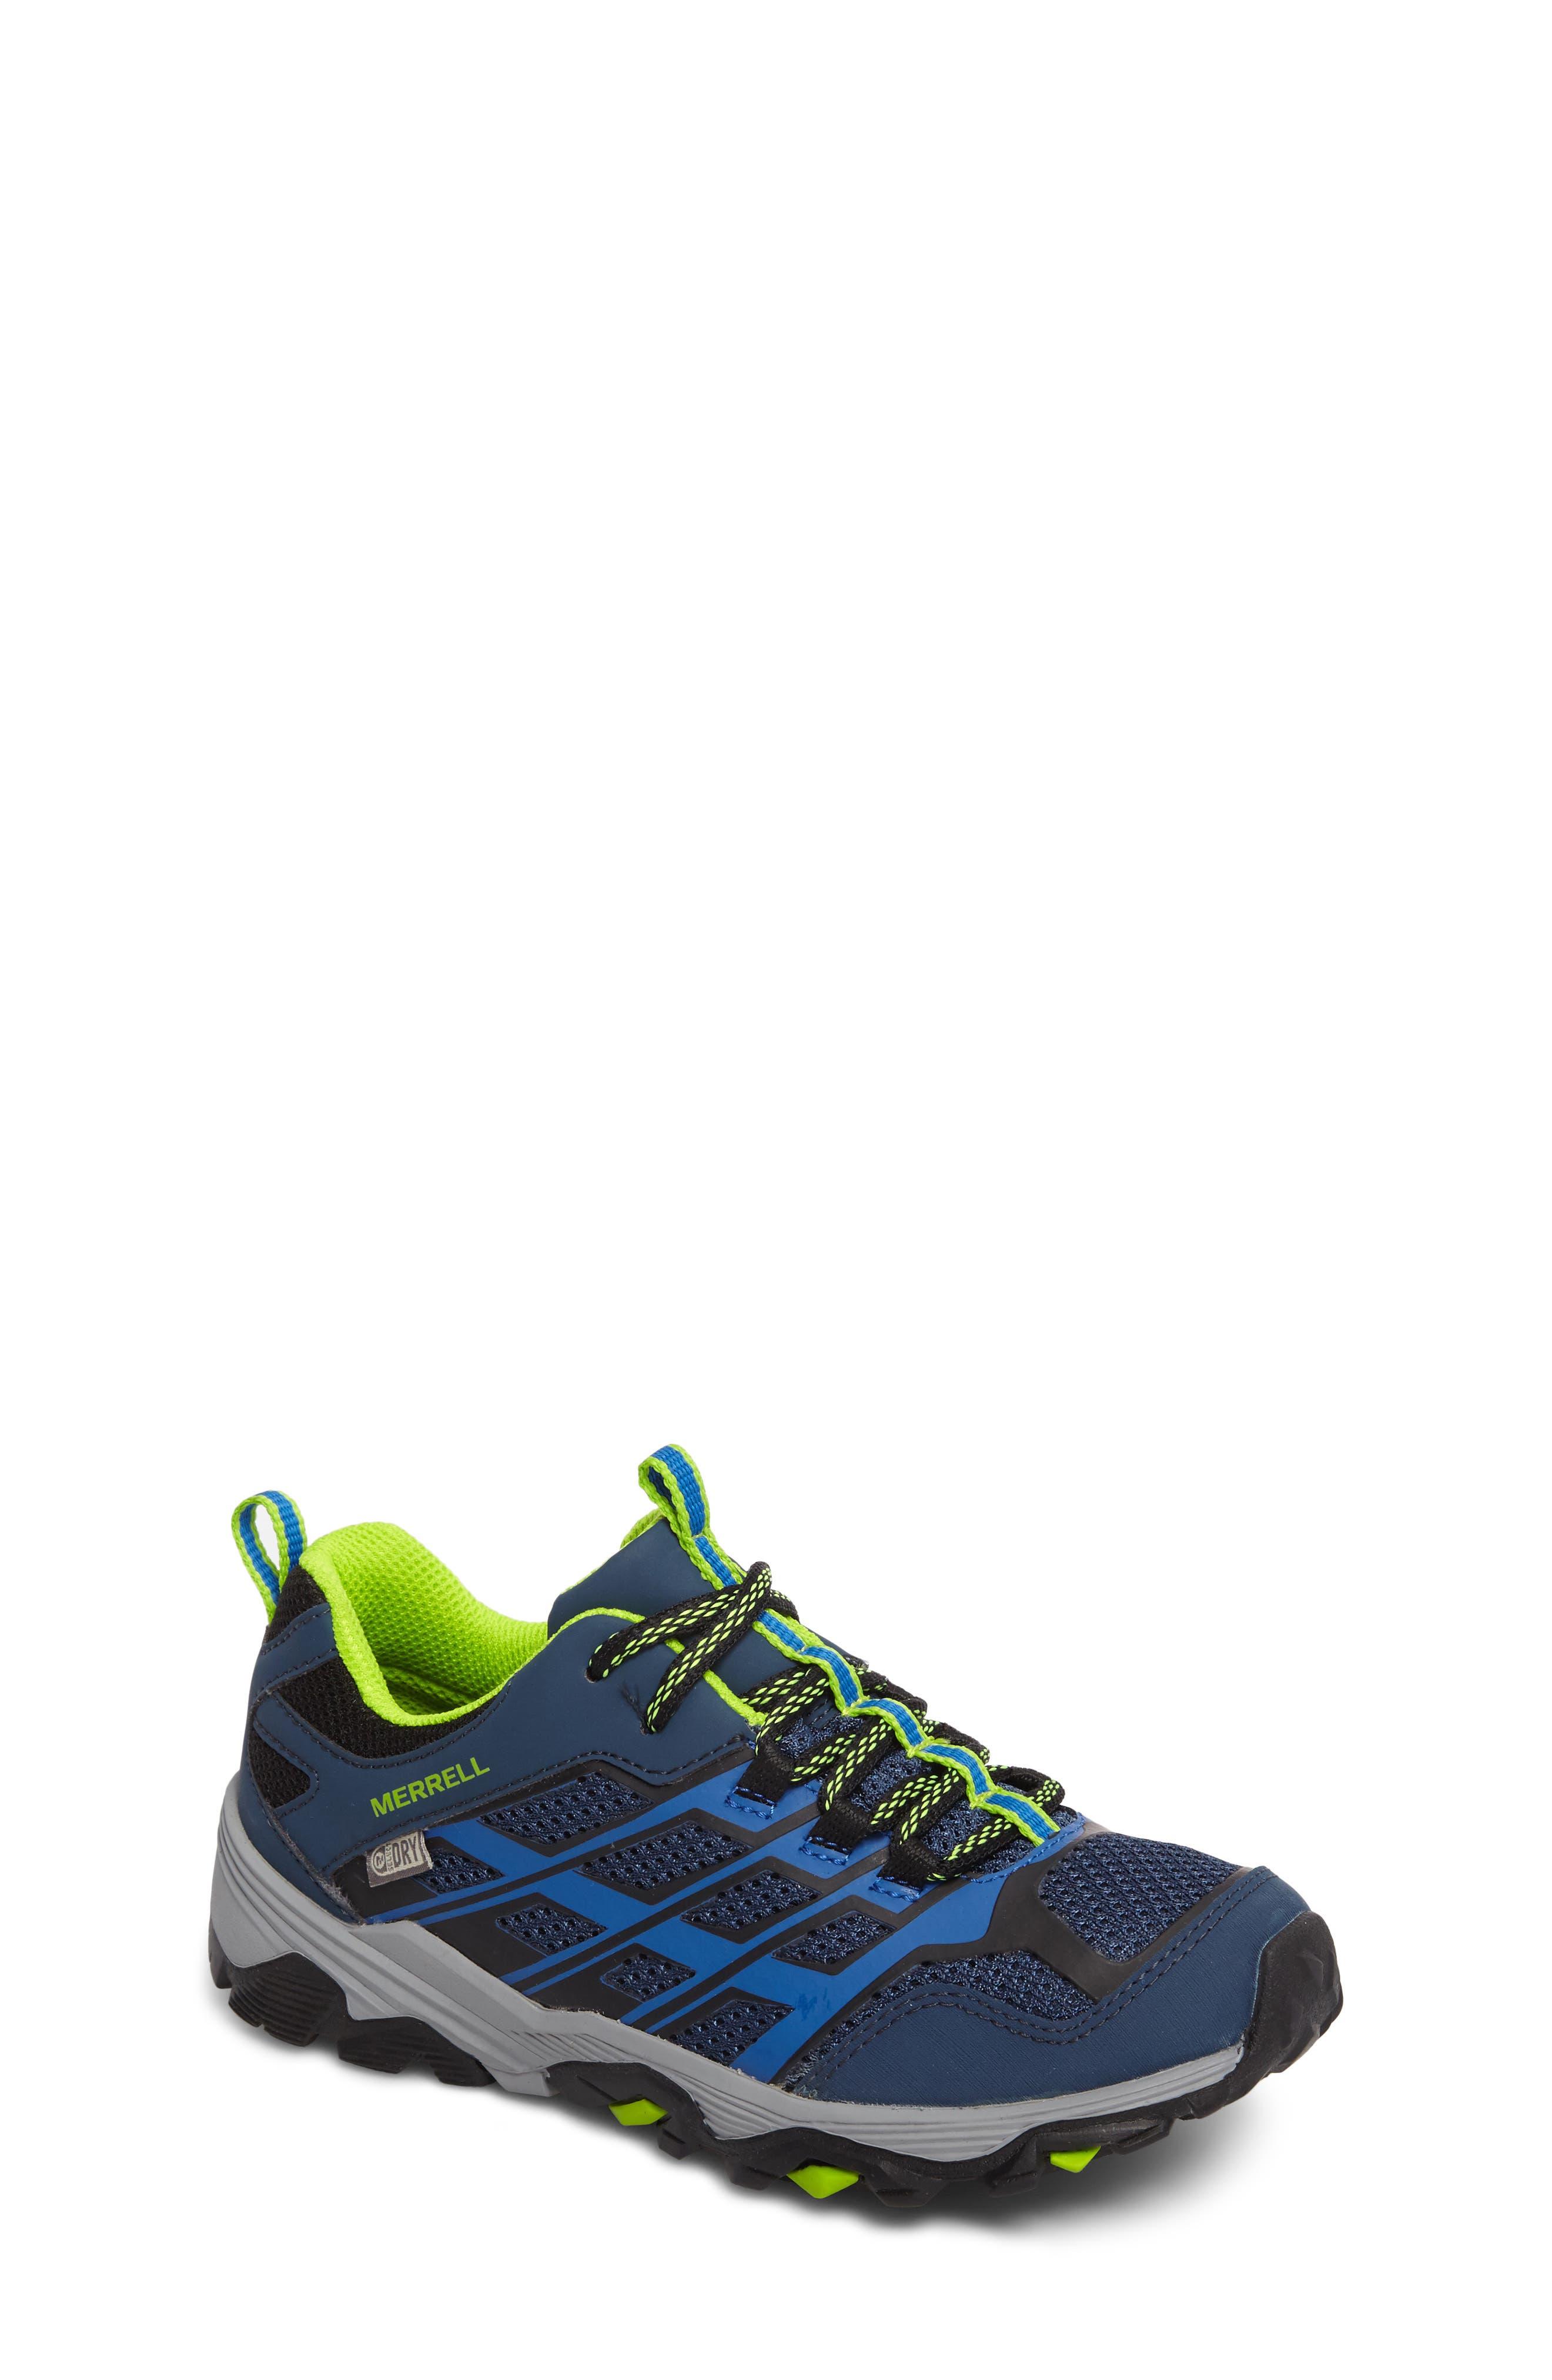 Moab FST Polar Low Waterproof Sneaker,                         Main,                         color, NAVY/ BLUE